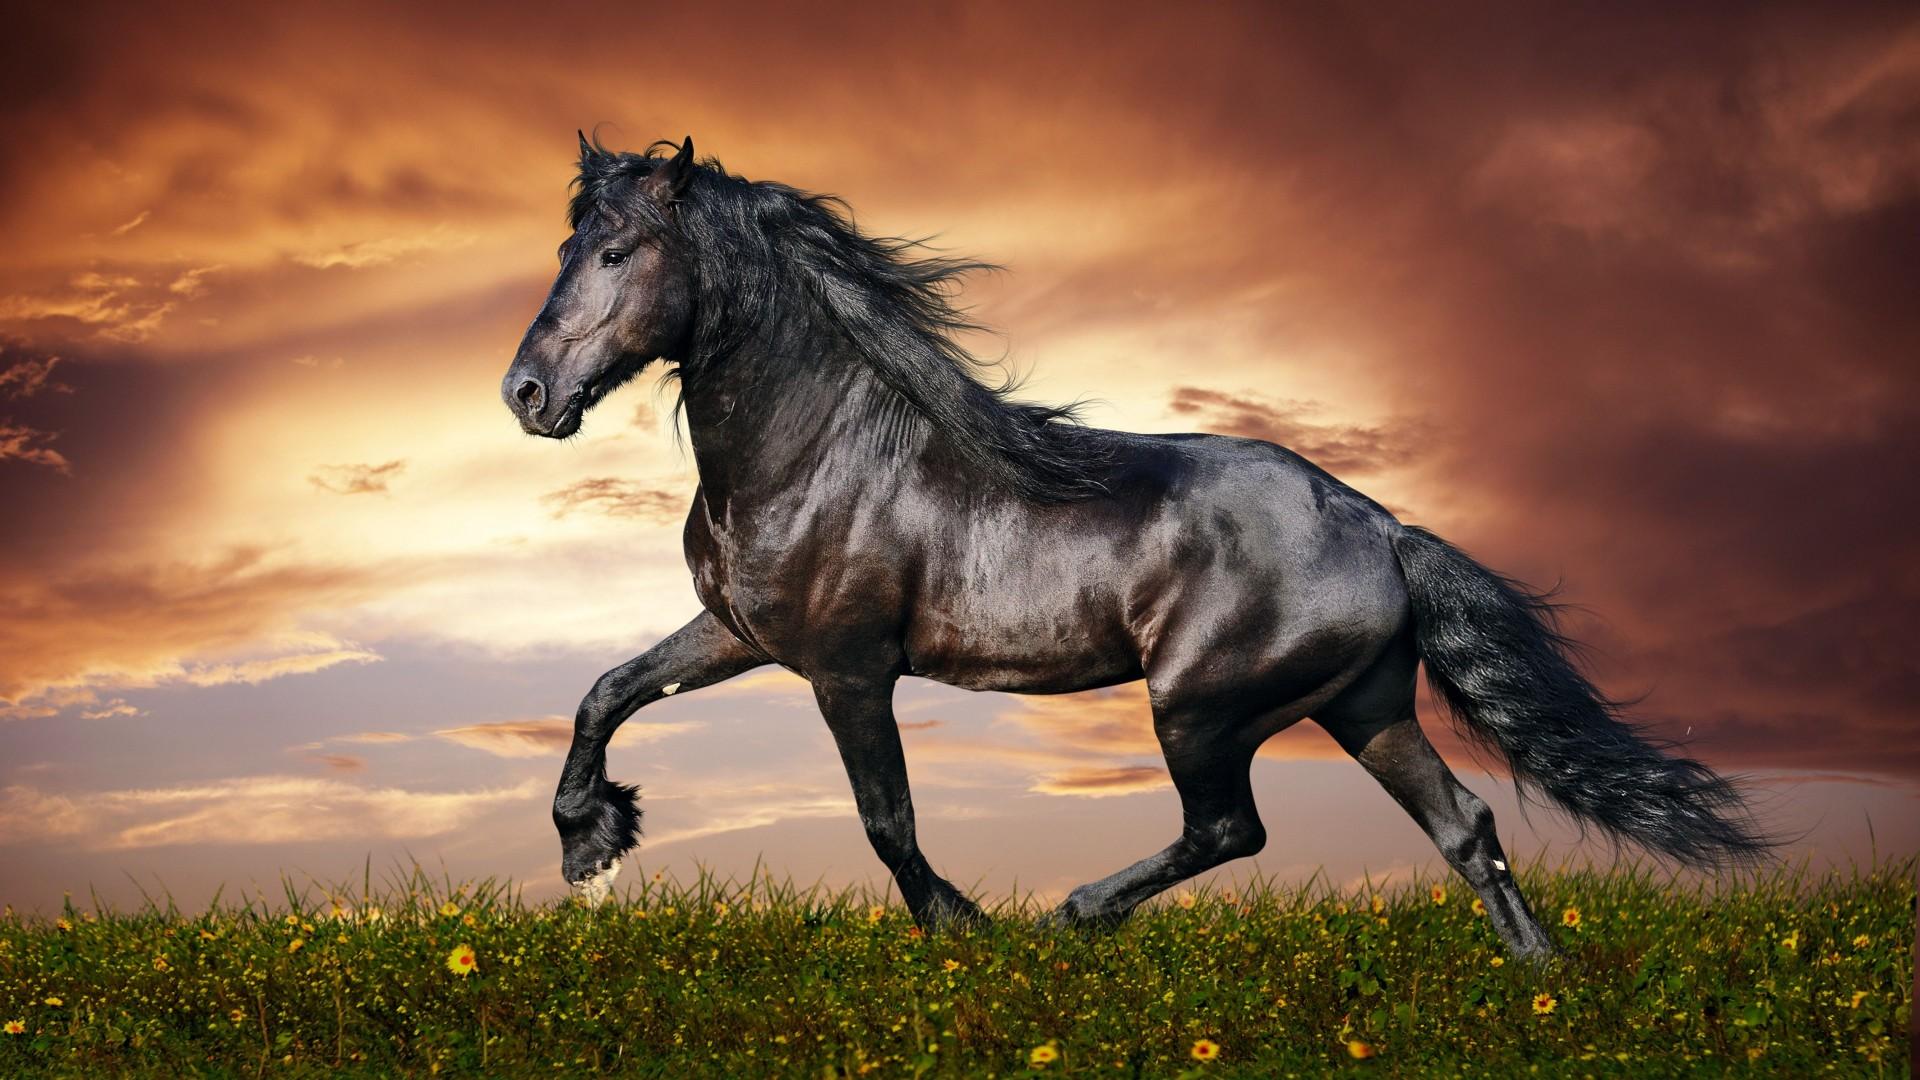 cool Black Horse Wallpaper